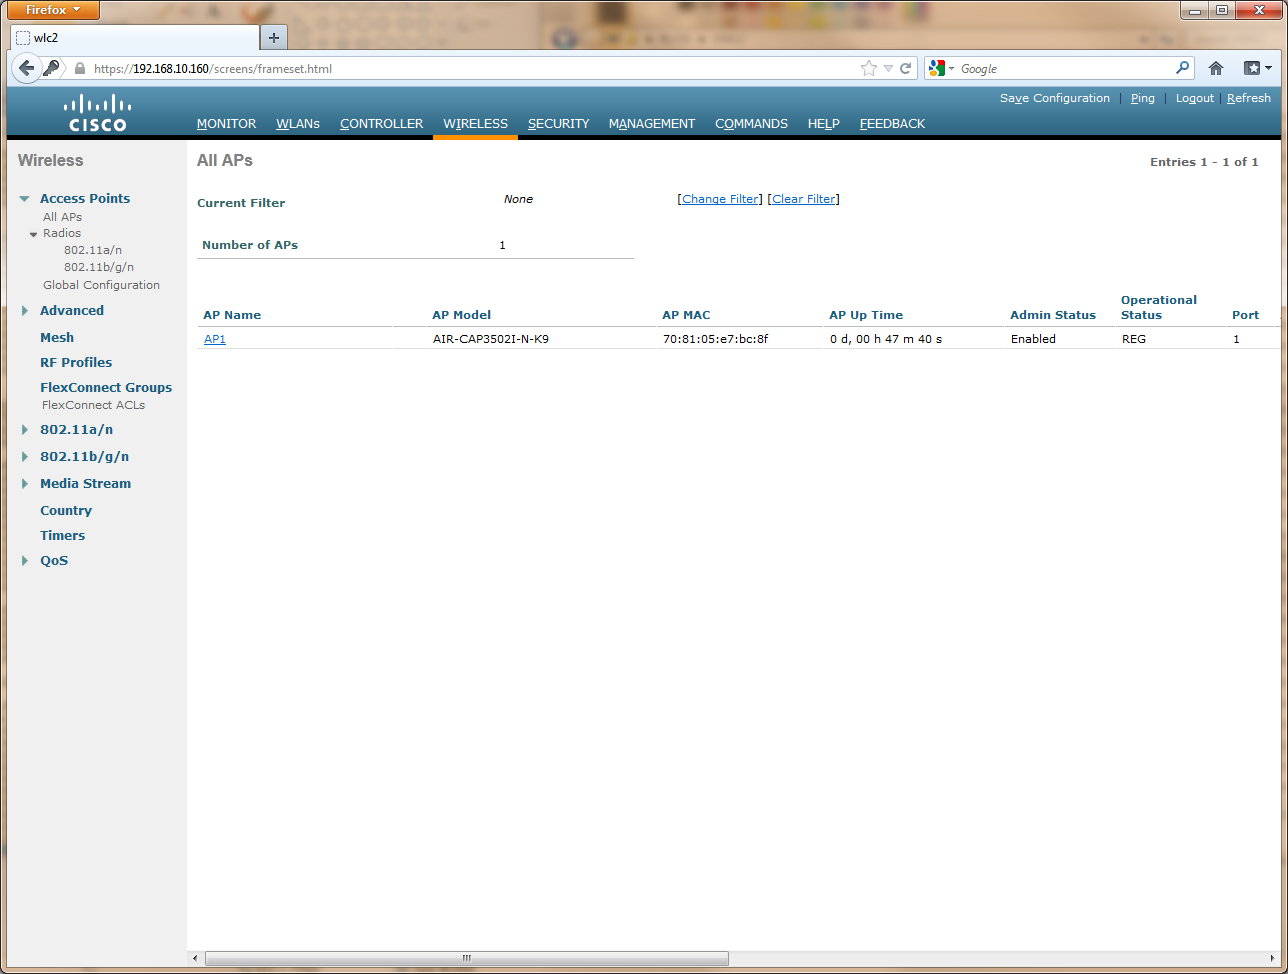 Electronically Stored: Cisco Virtual Wireless LAN Controller